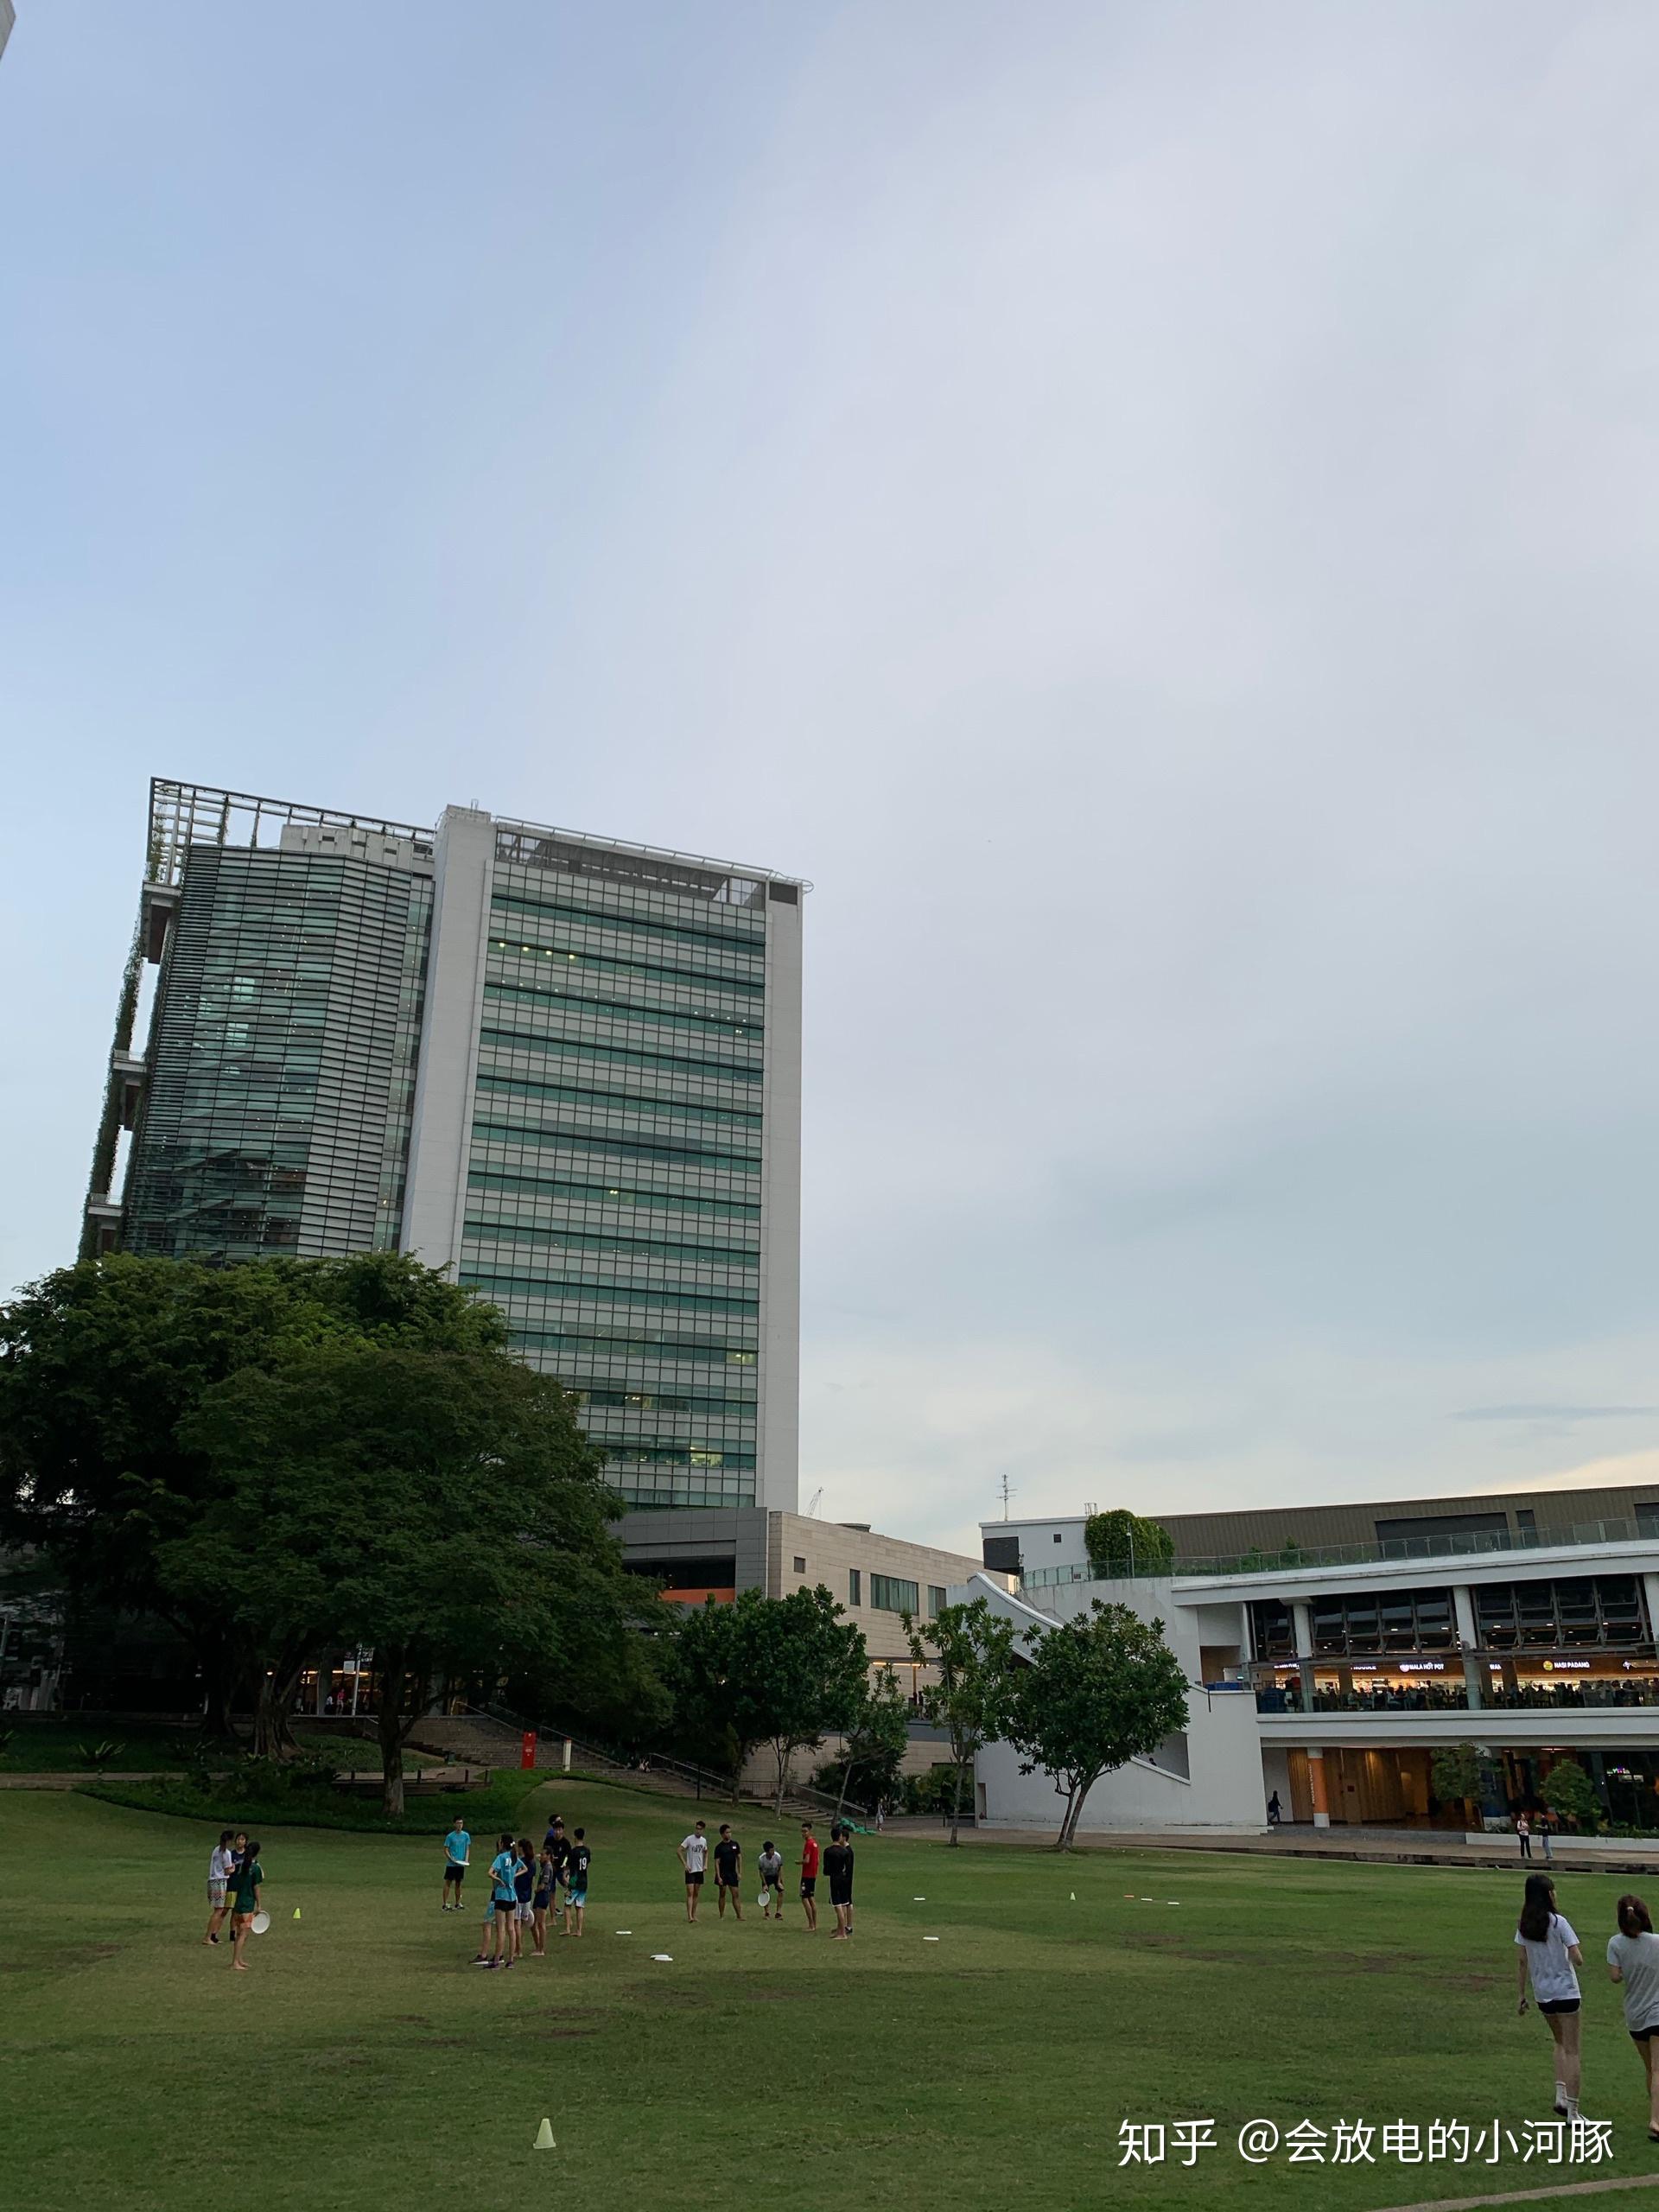 雨后的场景_在新加坡国立大学(NUS)就读是一种怎样的体验? - 知乎